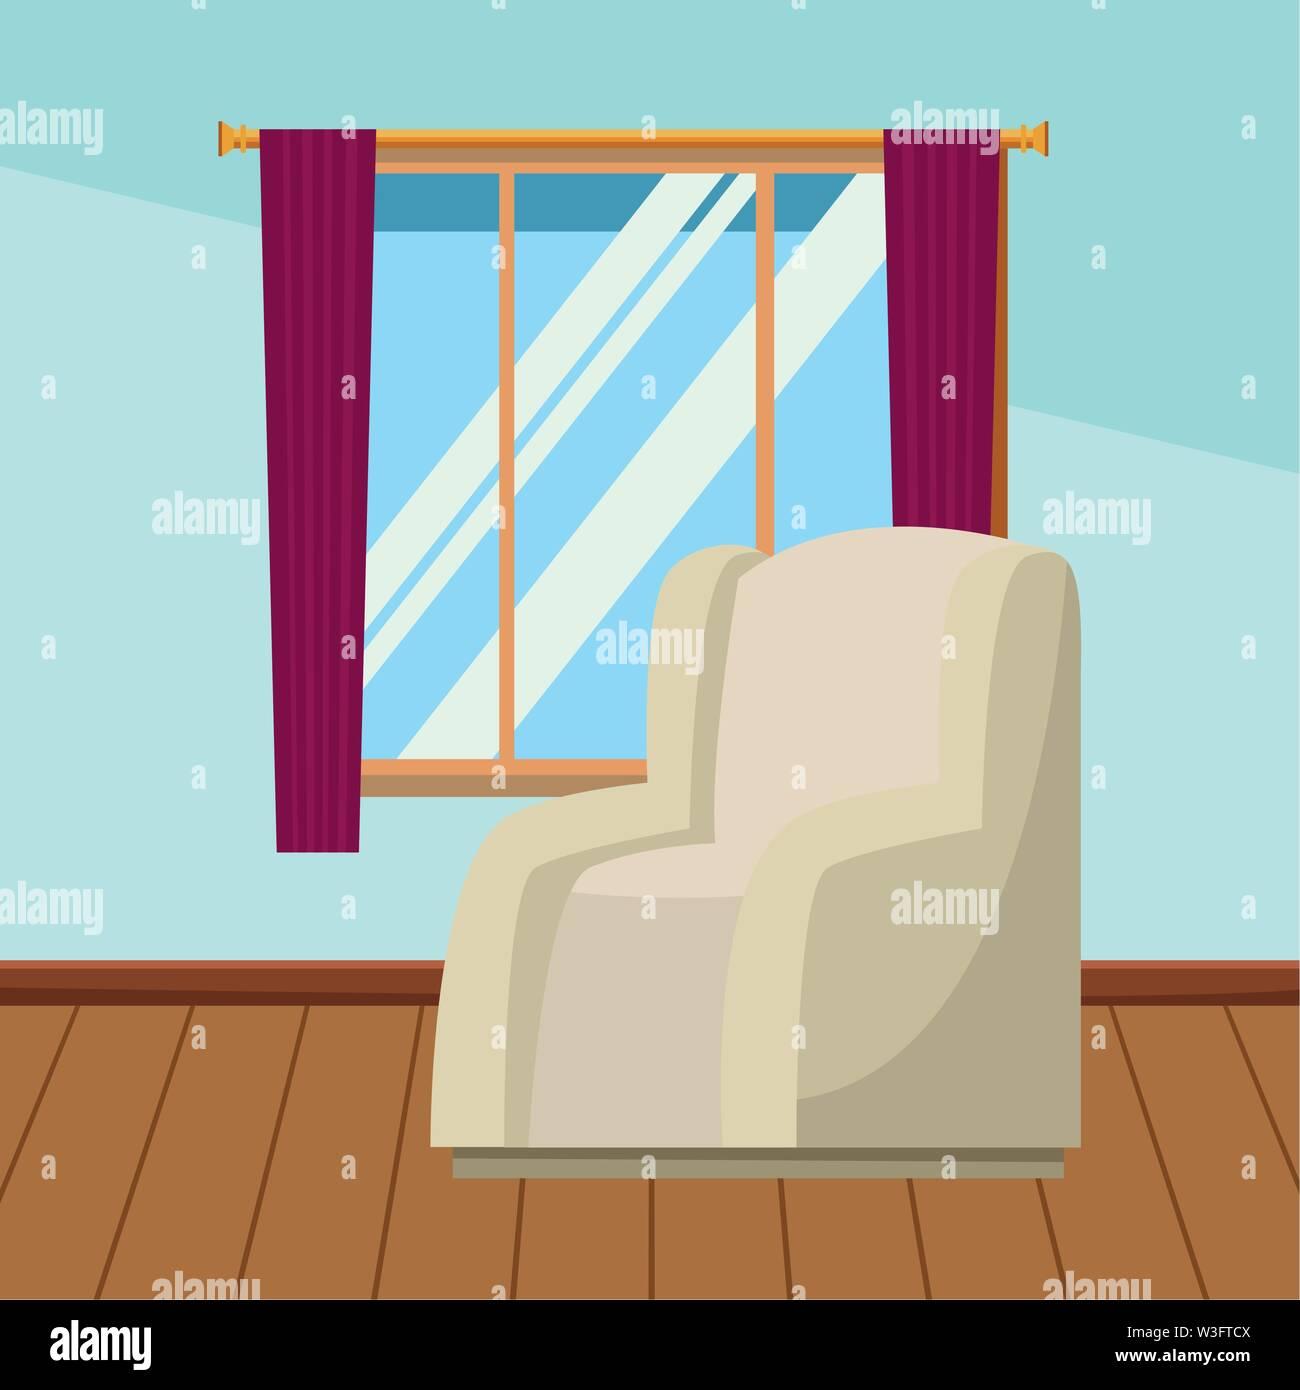 Chambre canapé fauteuil avec fenêtre et rideaux accueil paysages intérieurs avec plancher en bois ,vector illustration graphic design. Photo Stock